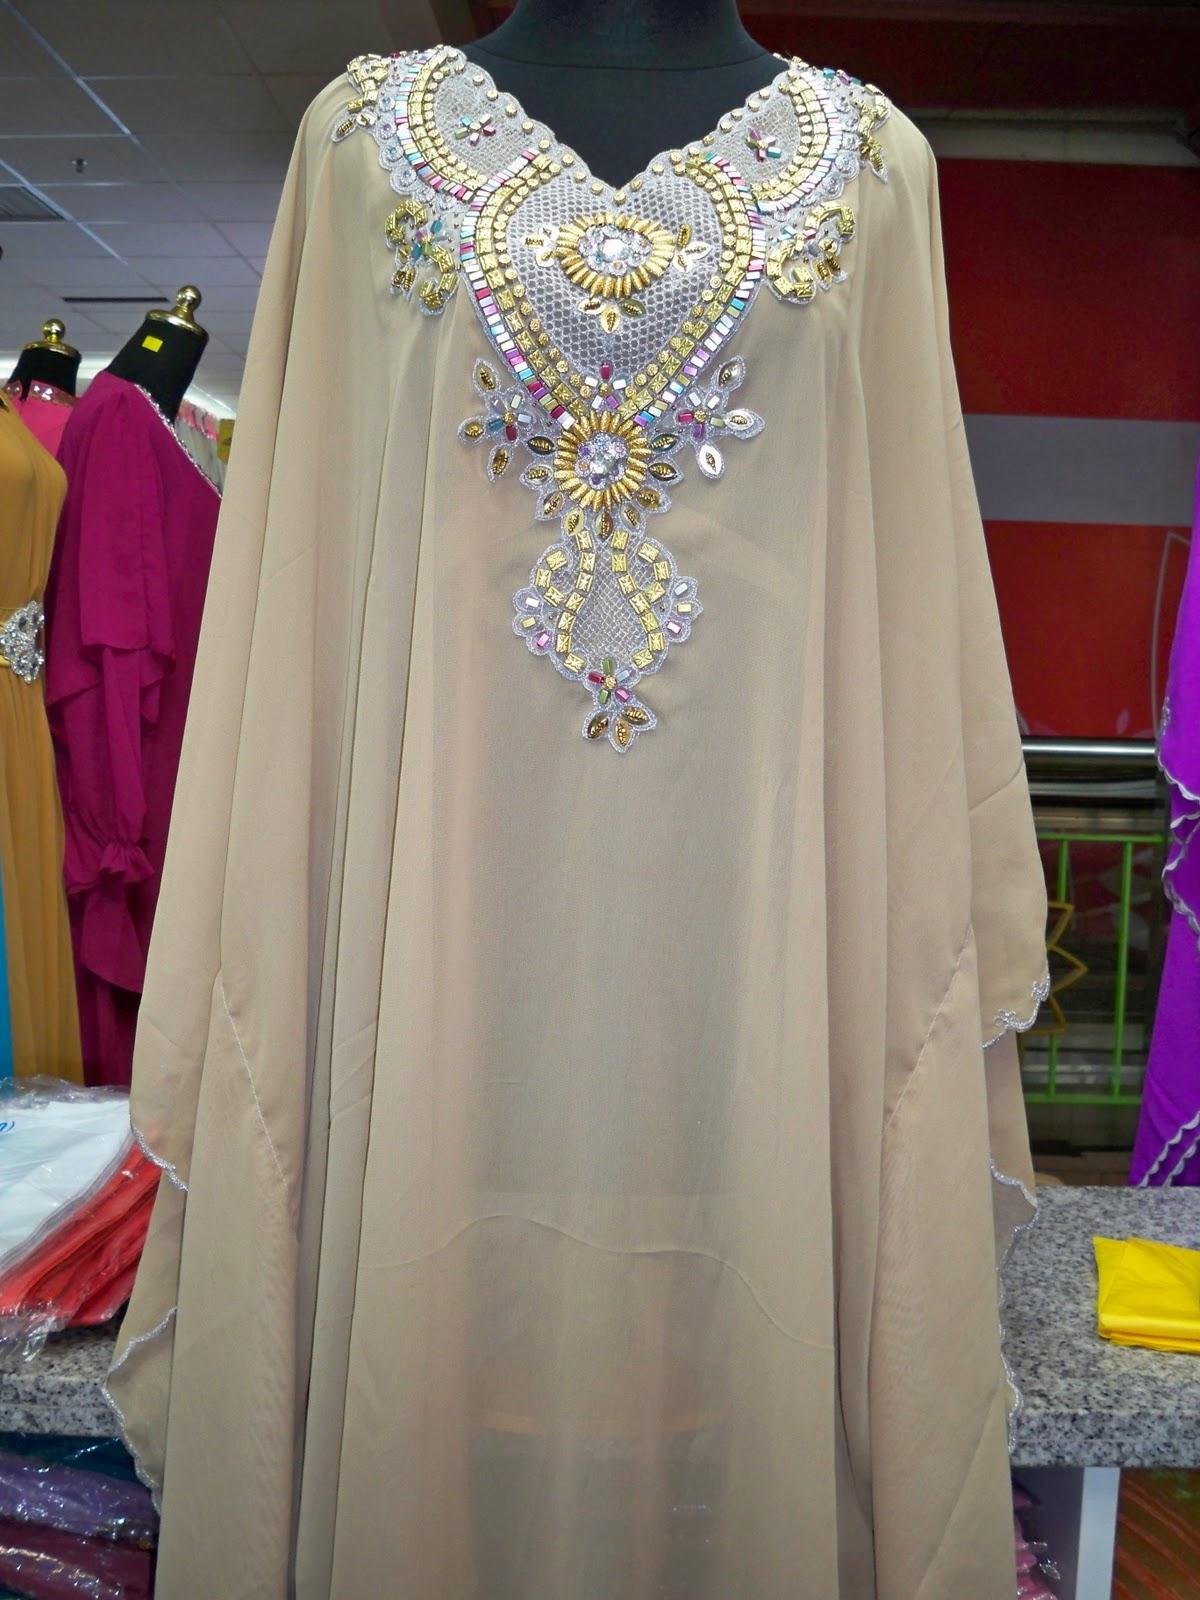 Koleksi baju toko arserio november 2011 Baju gamis kaftan putih